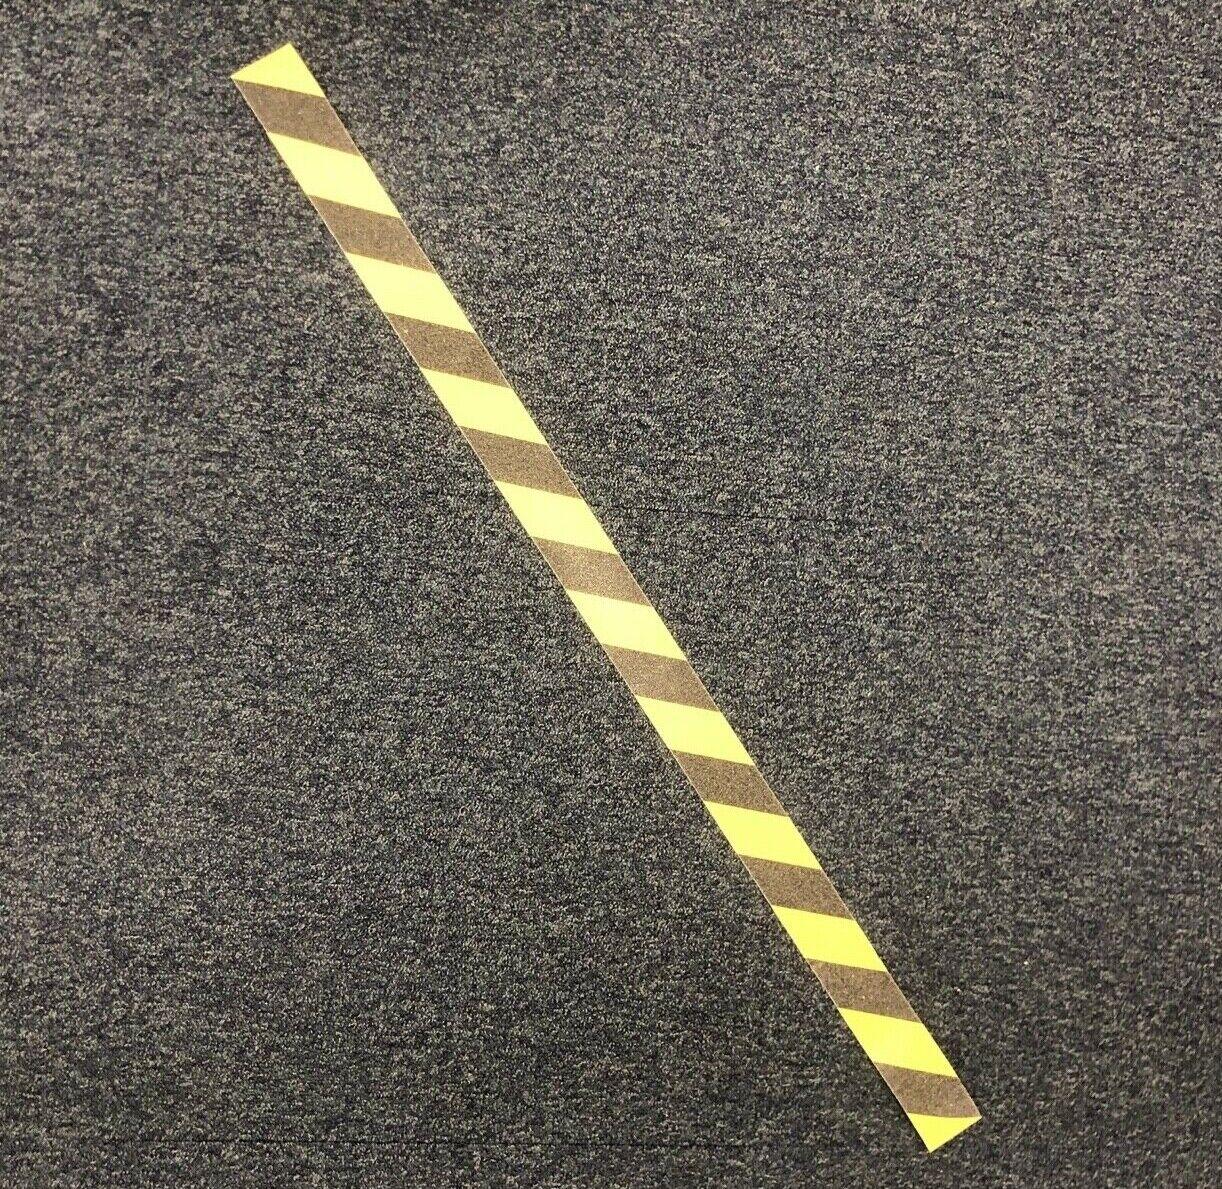 1m Strips 50mm Anti-Slip Tape Black/Yellow Grip Warning Hazard Adhesive